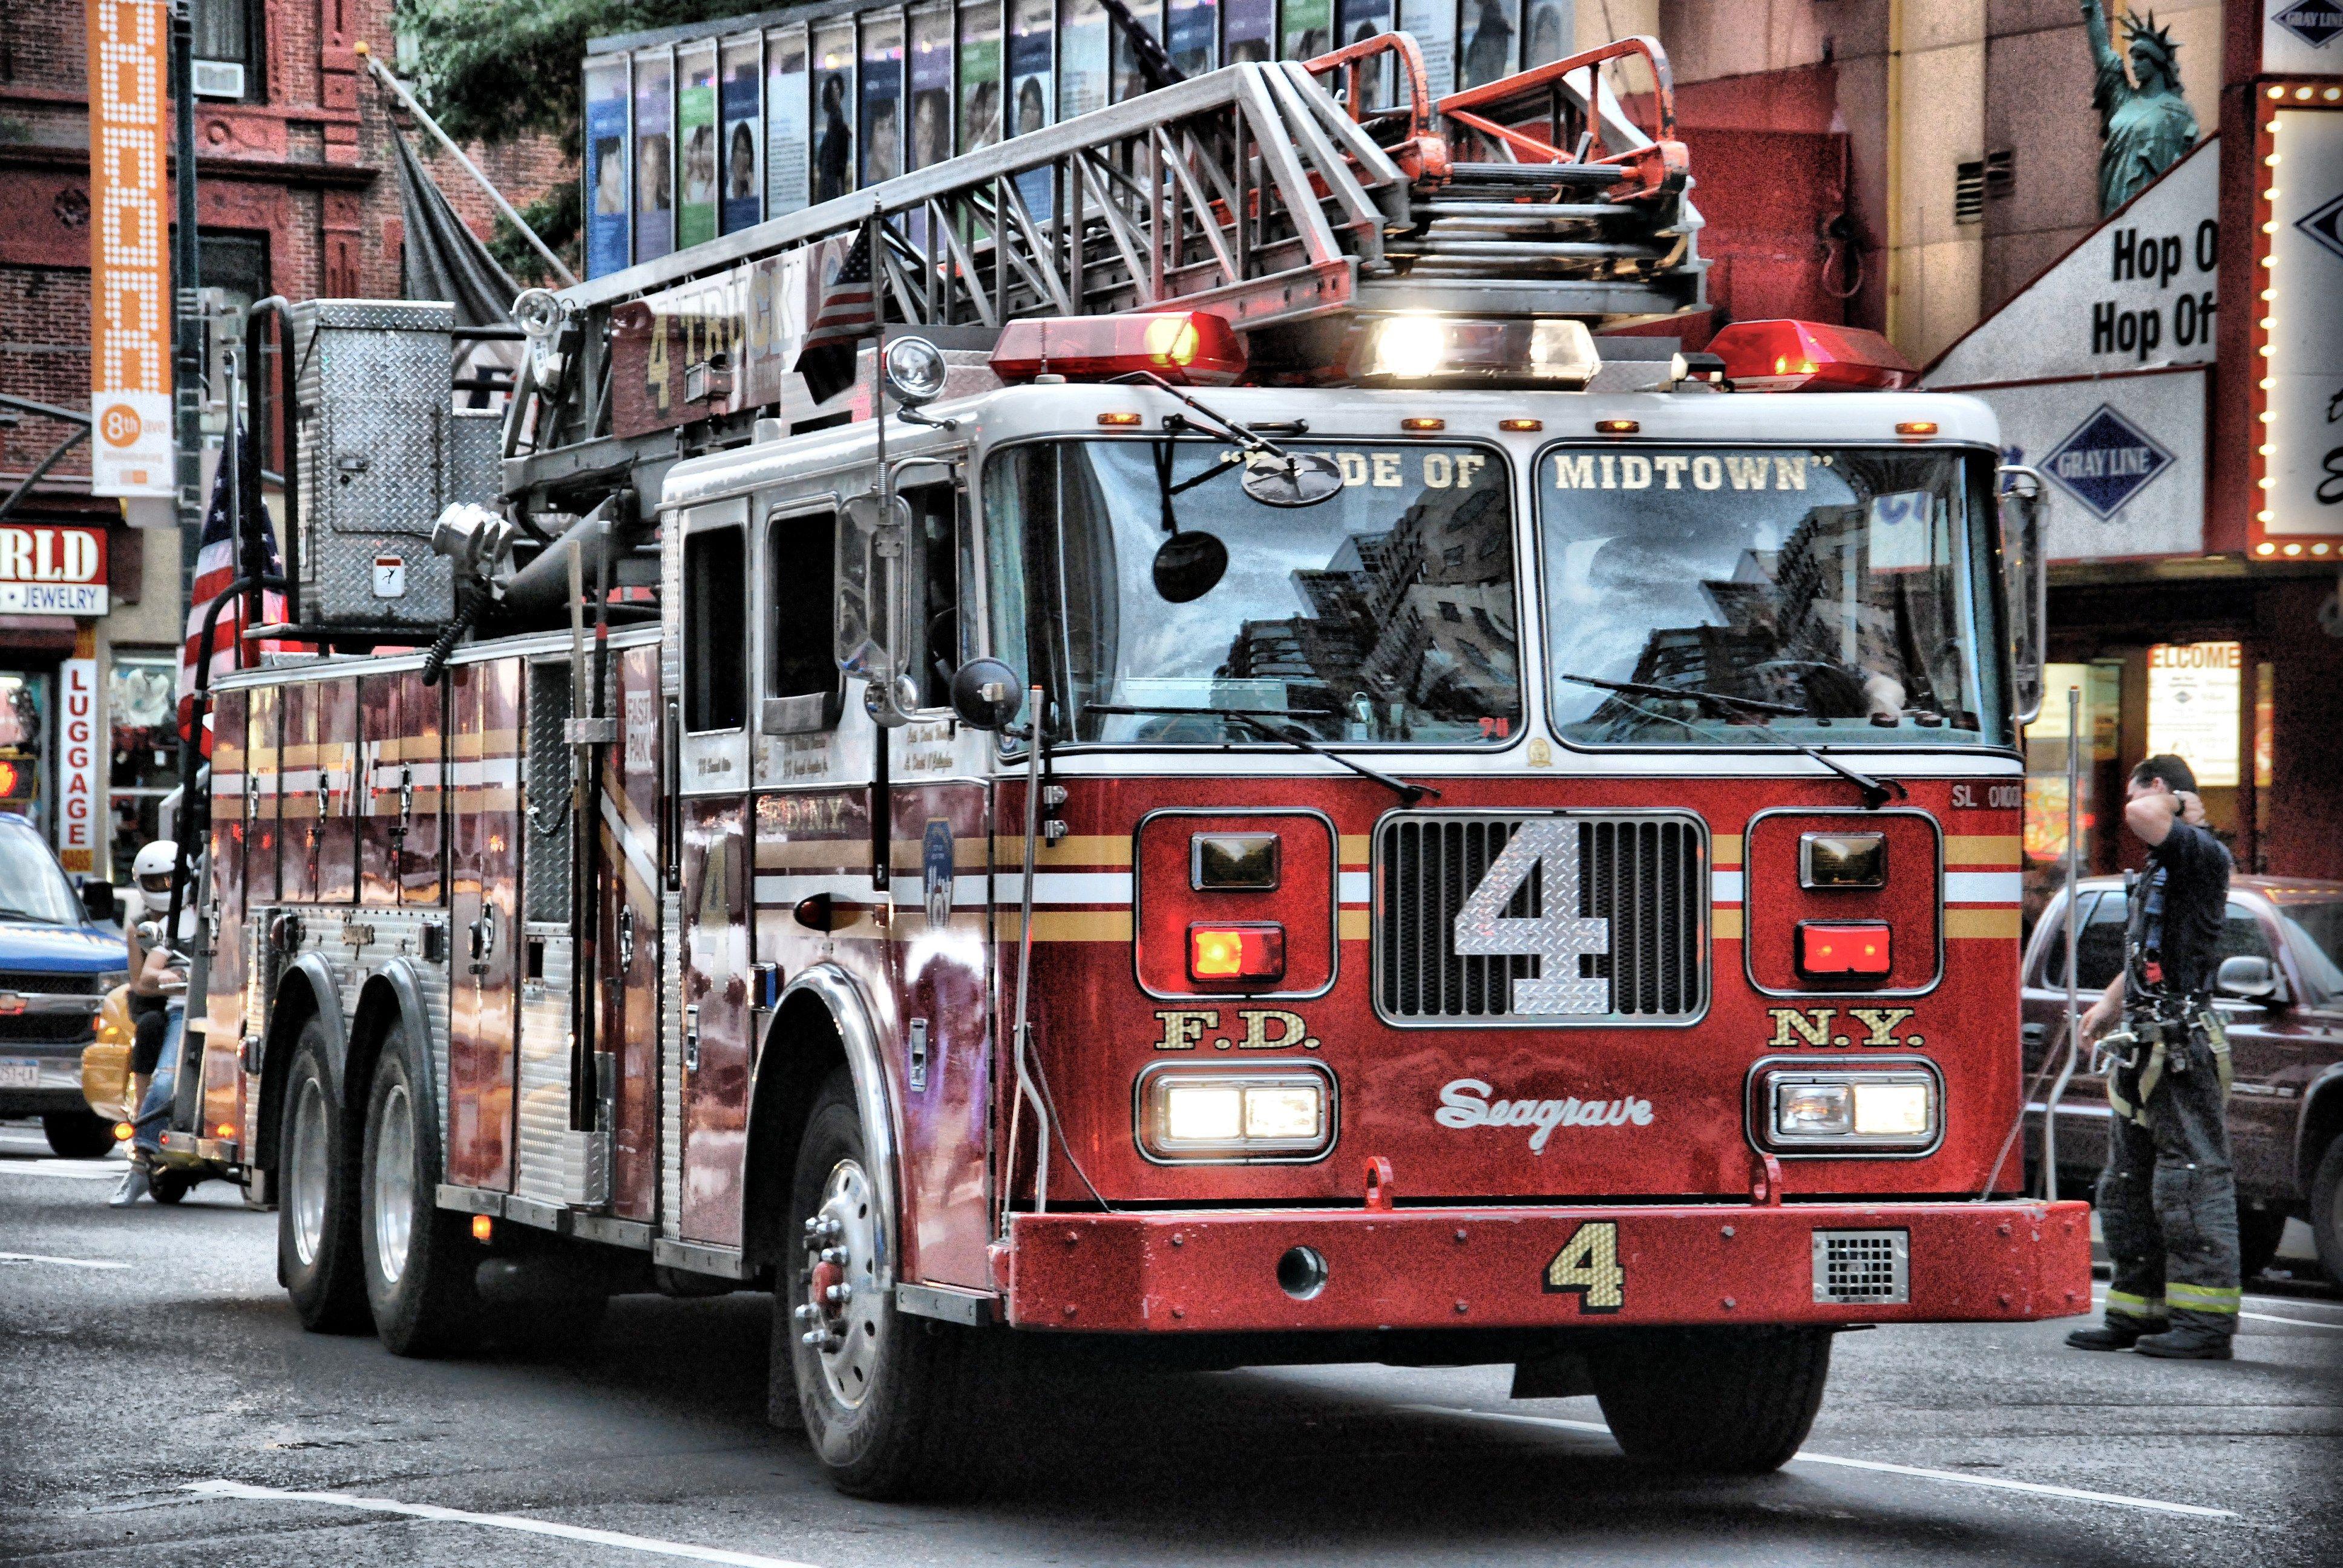 4k seagrave fire truck hd wallpaper (3872x2592) FDNY